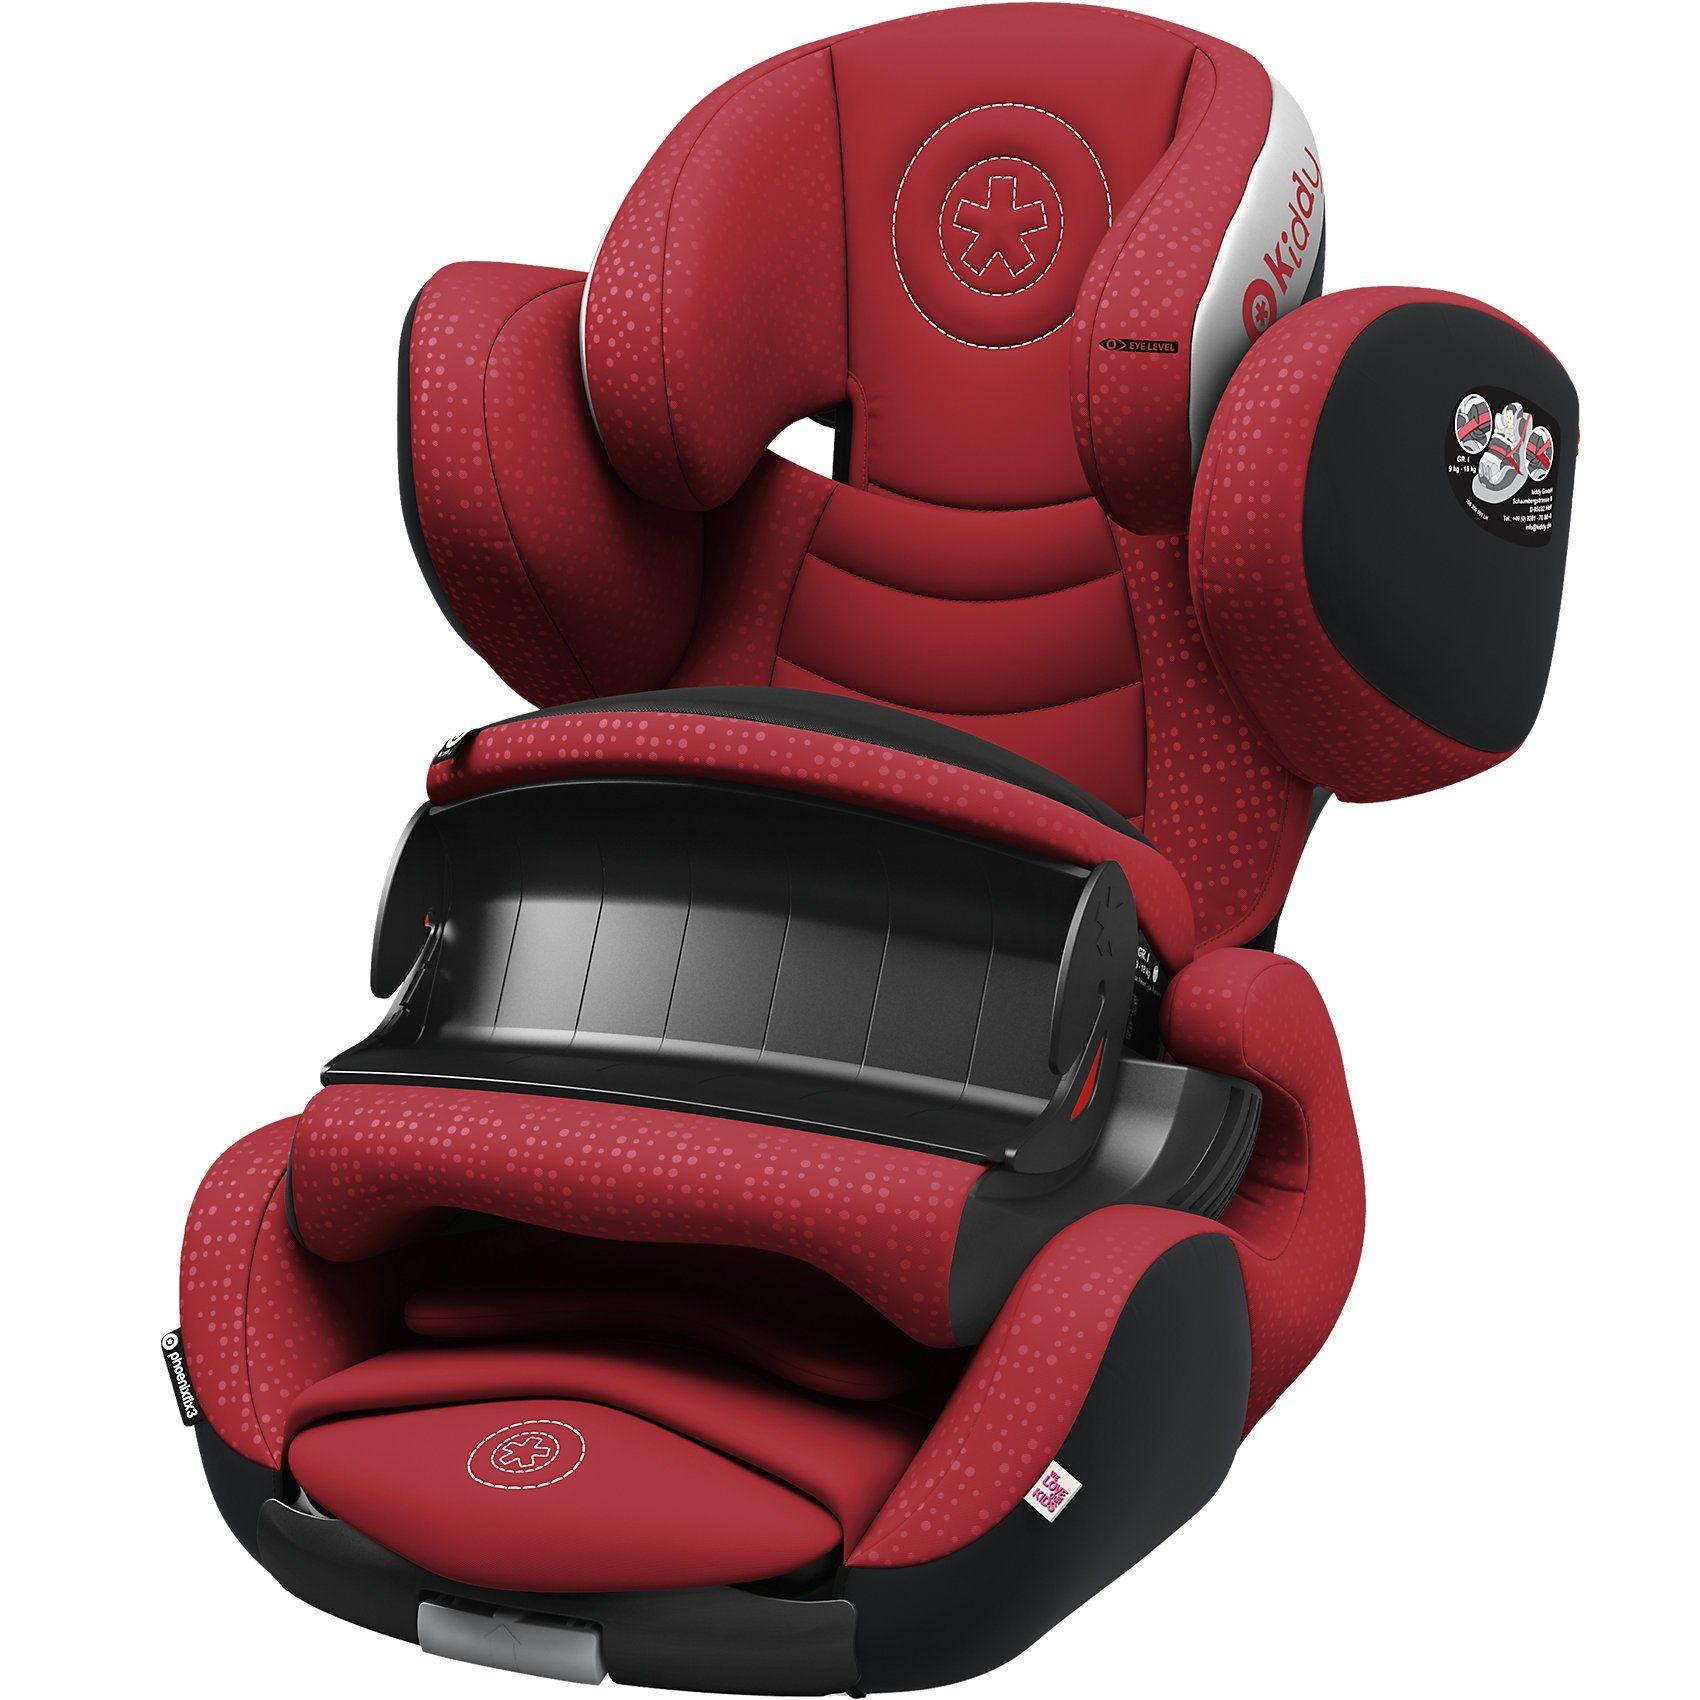 Kiddy Auto-Kindersitz Phoenixfix 3, ruby red, 2017